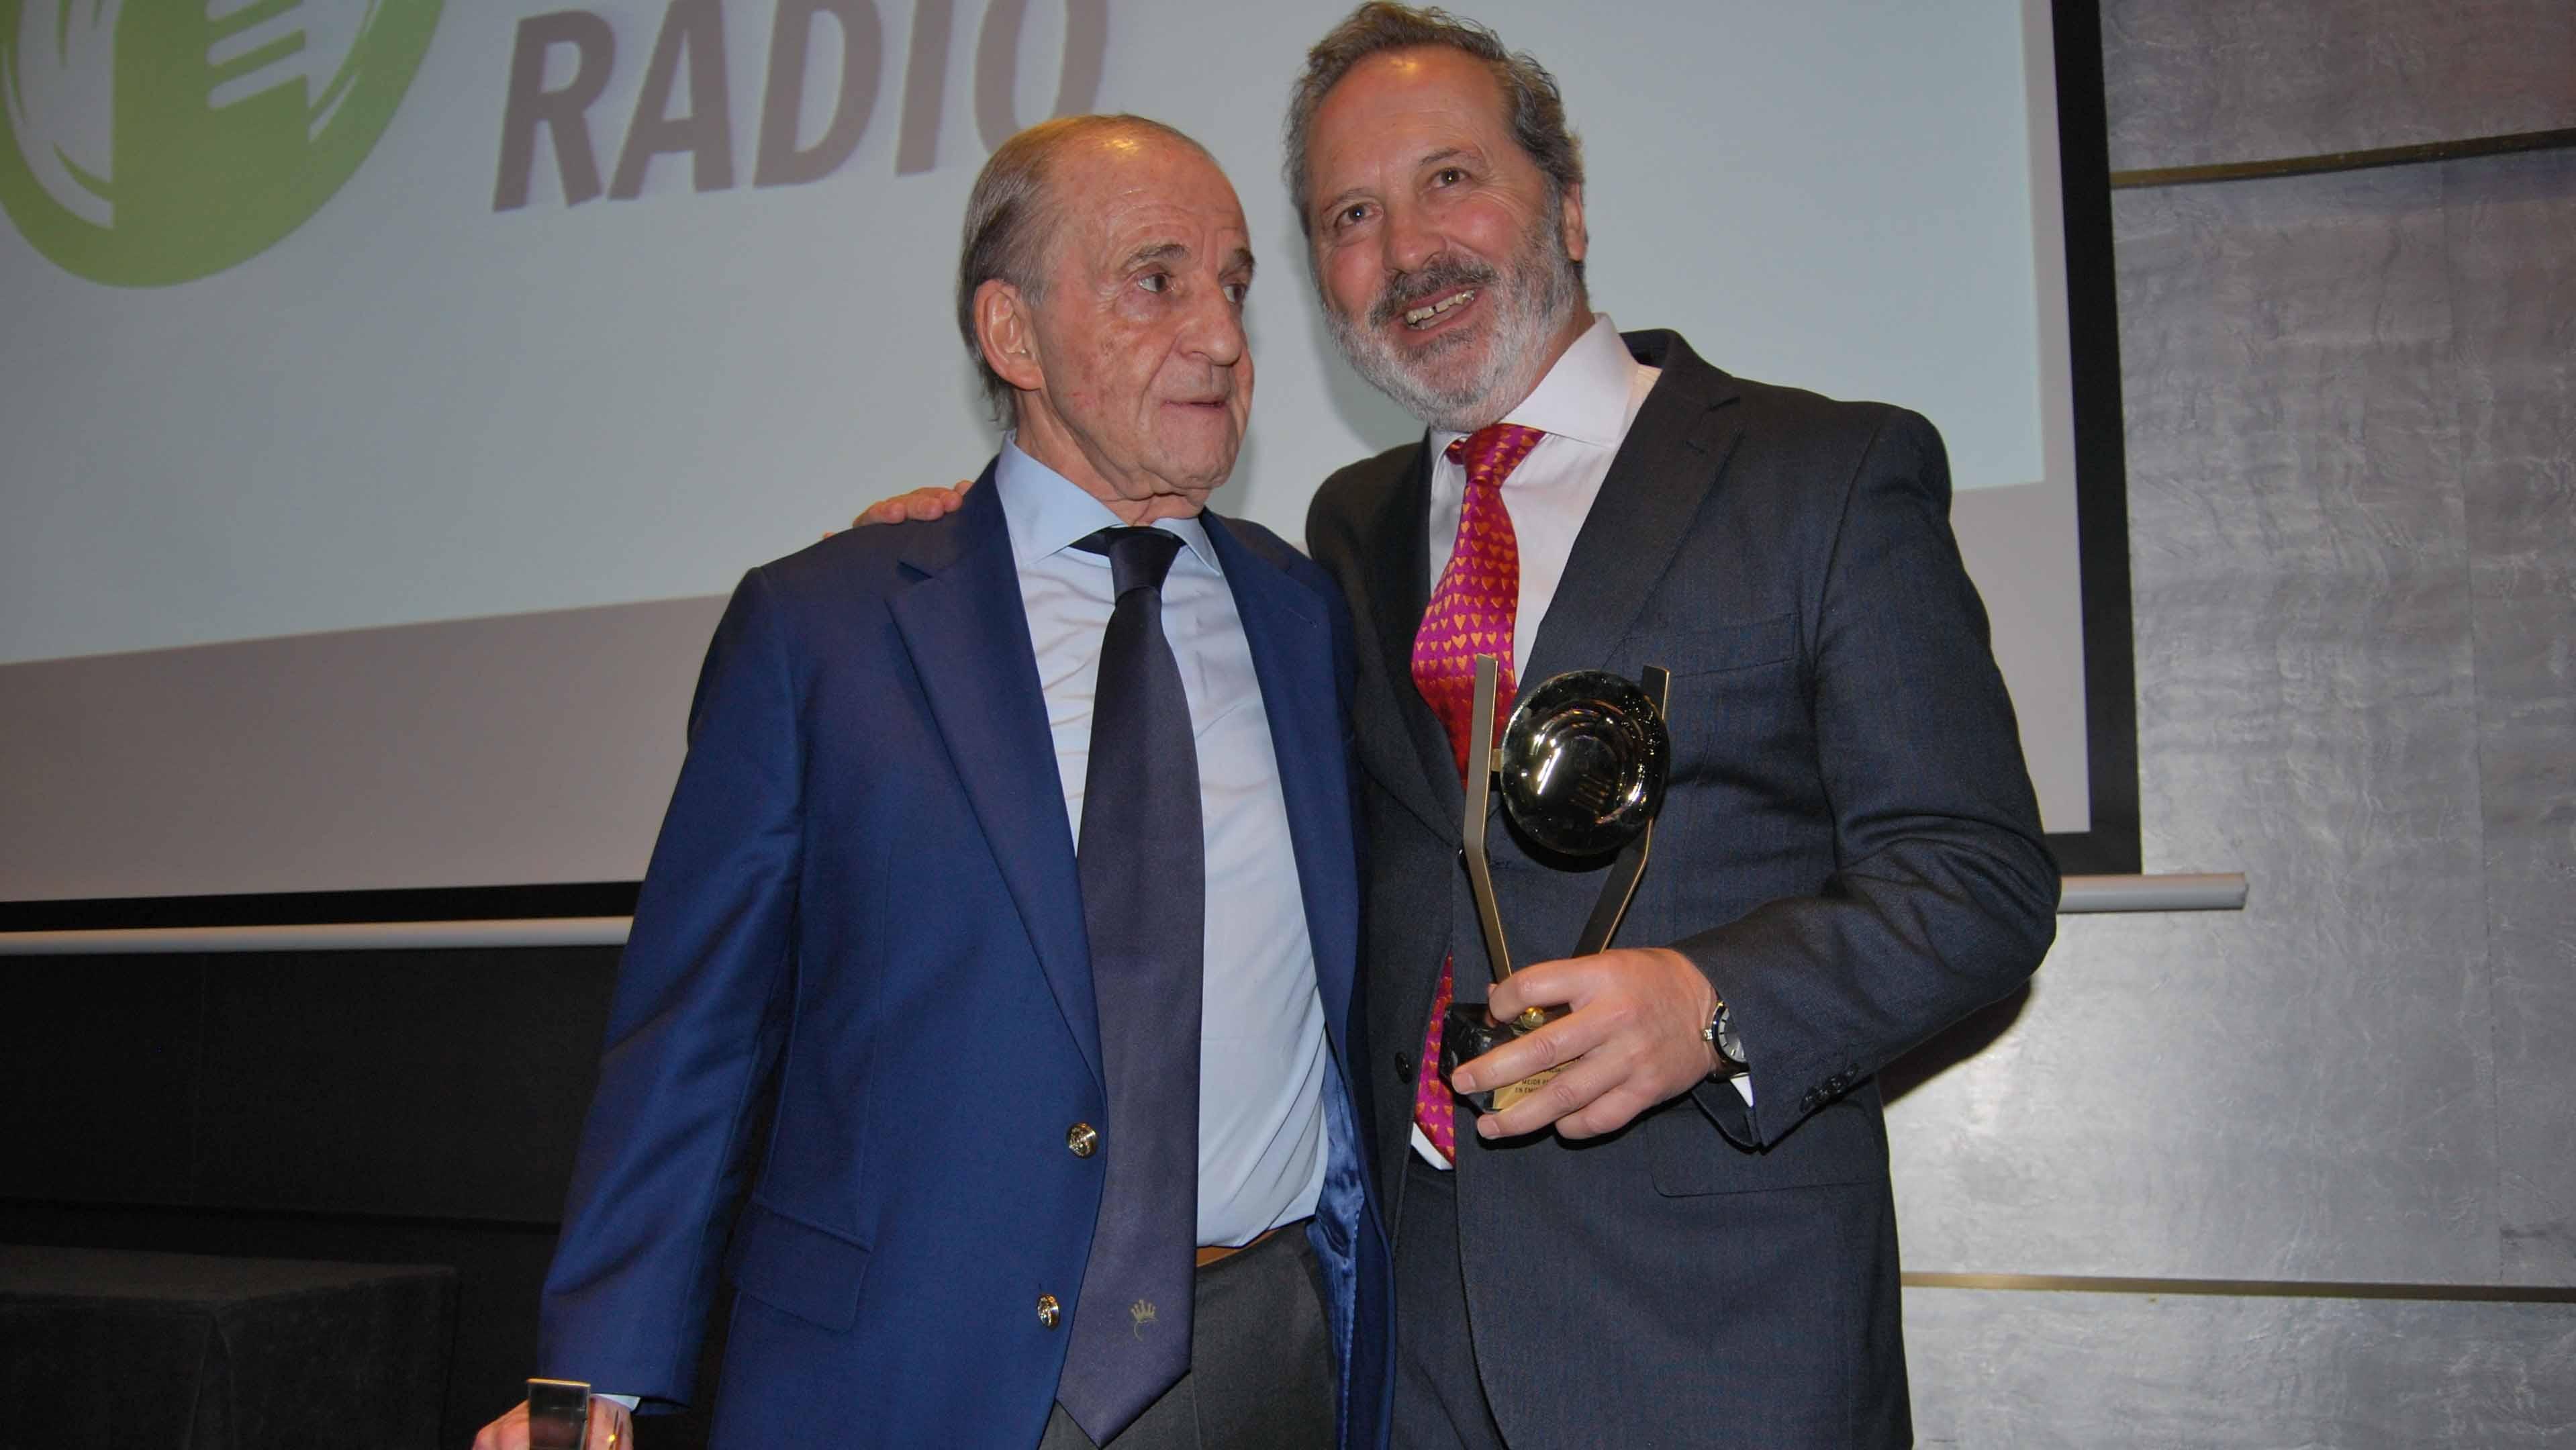 José Boje, director de COPE Utrera, junto a la leyenda de la radio José María García